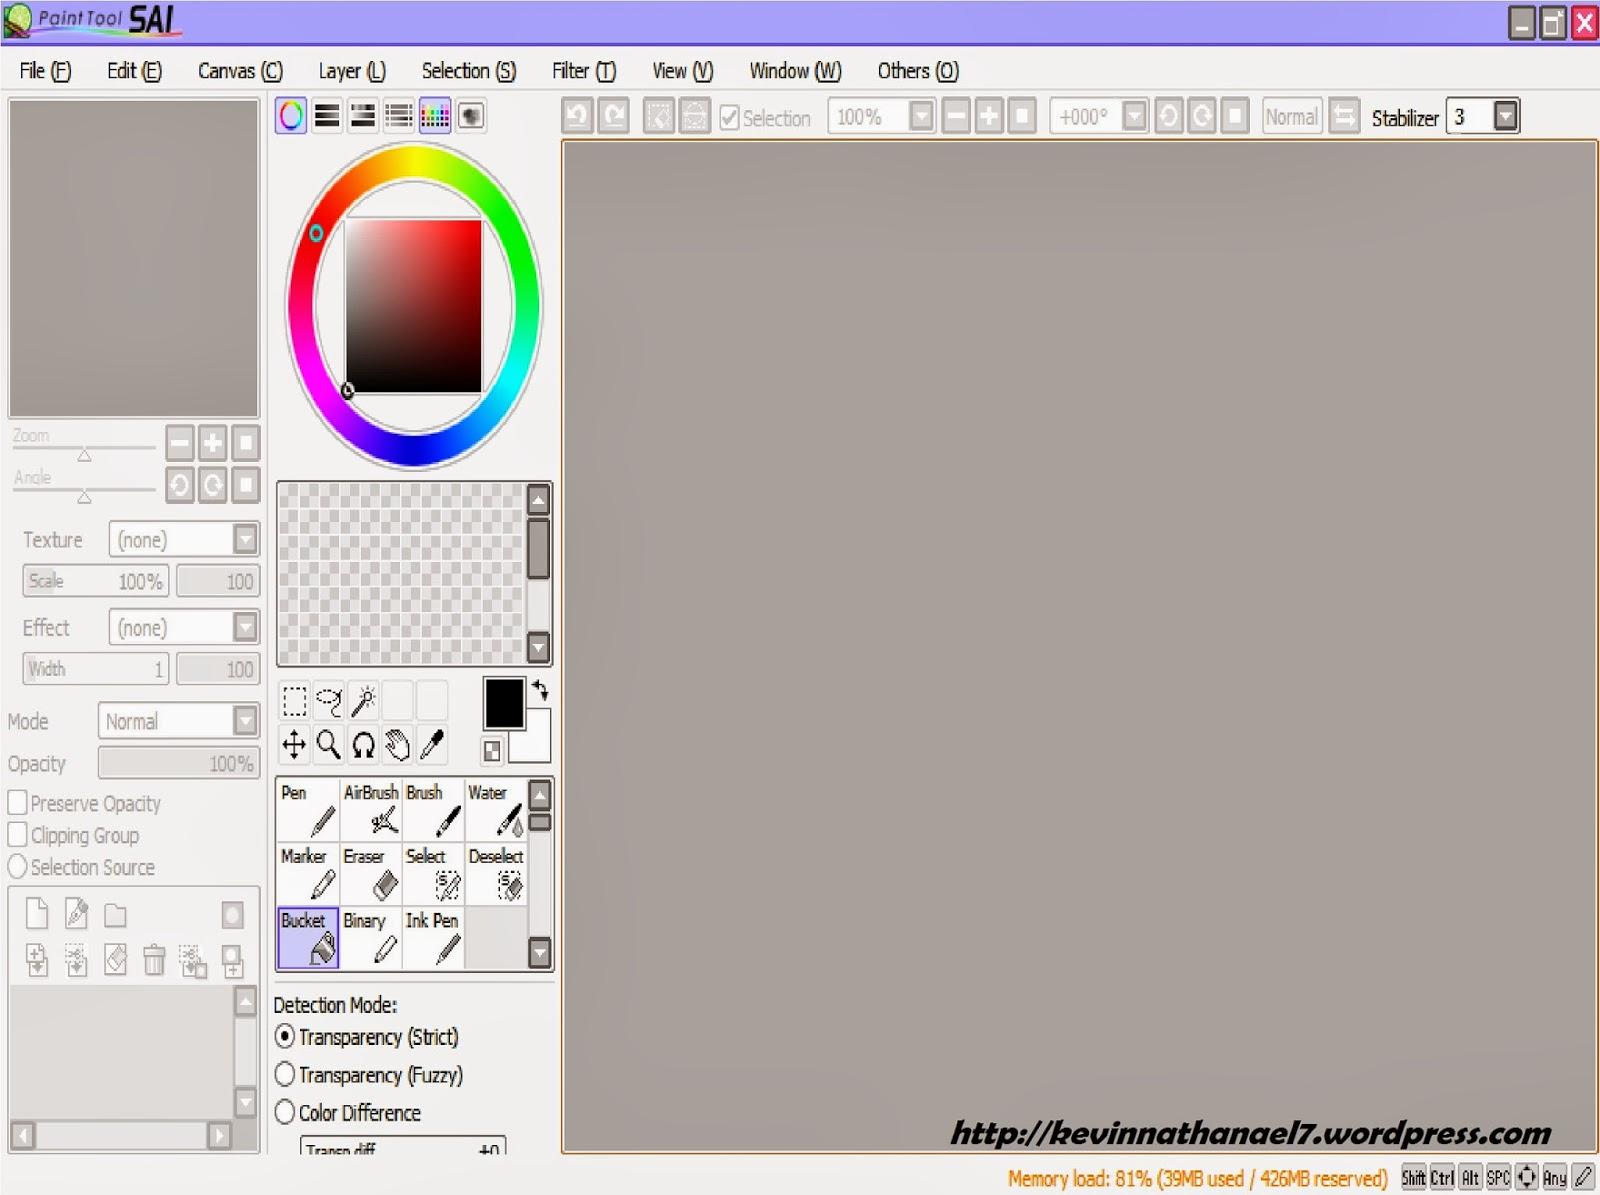 Paint tool sai full brush download full version bfd for Paint tool sai free full version